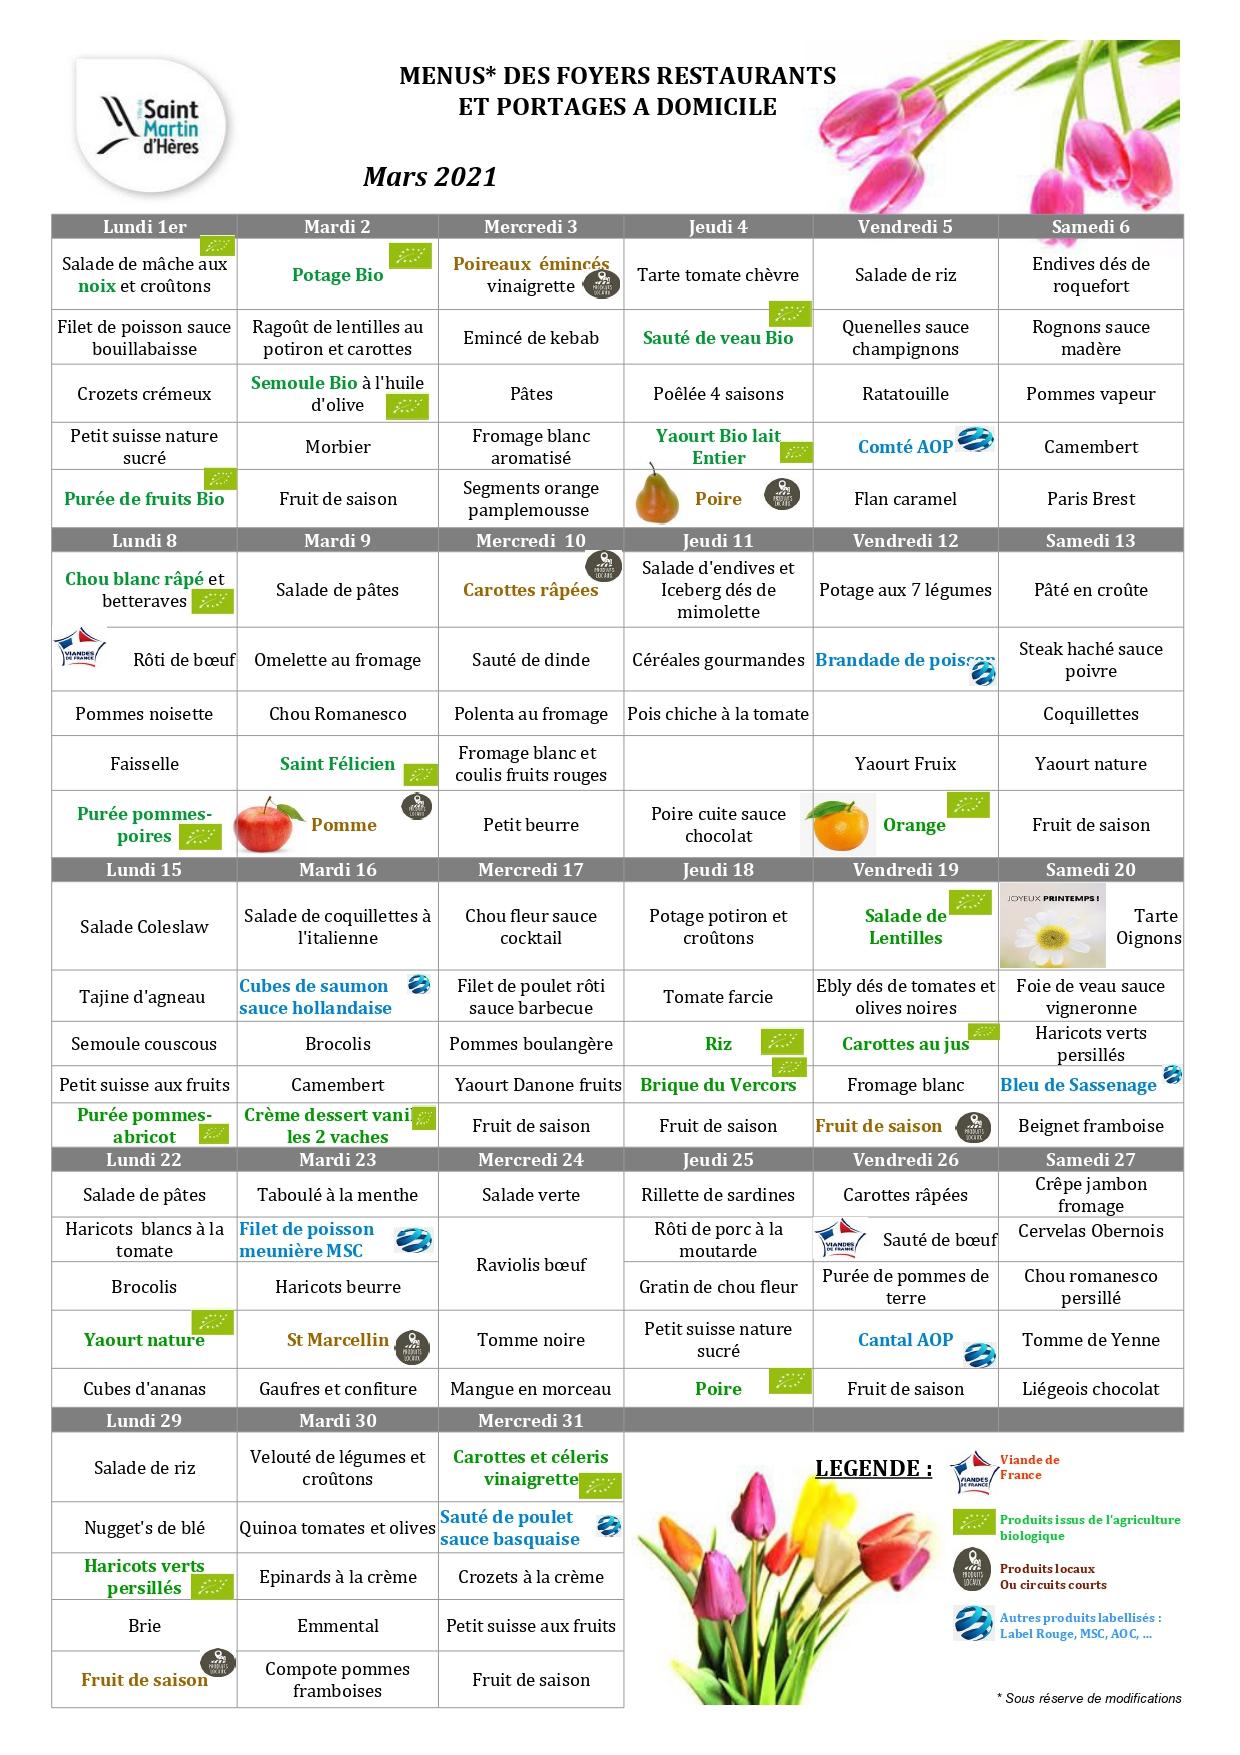 Menus foyers restaurants et portages : février 2021